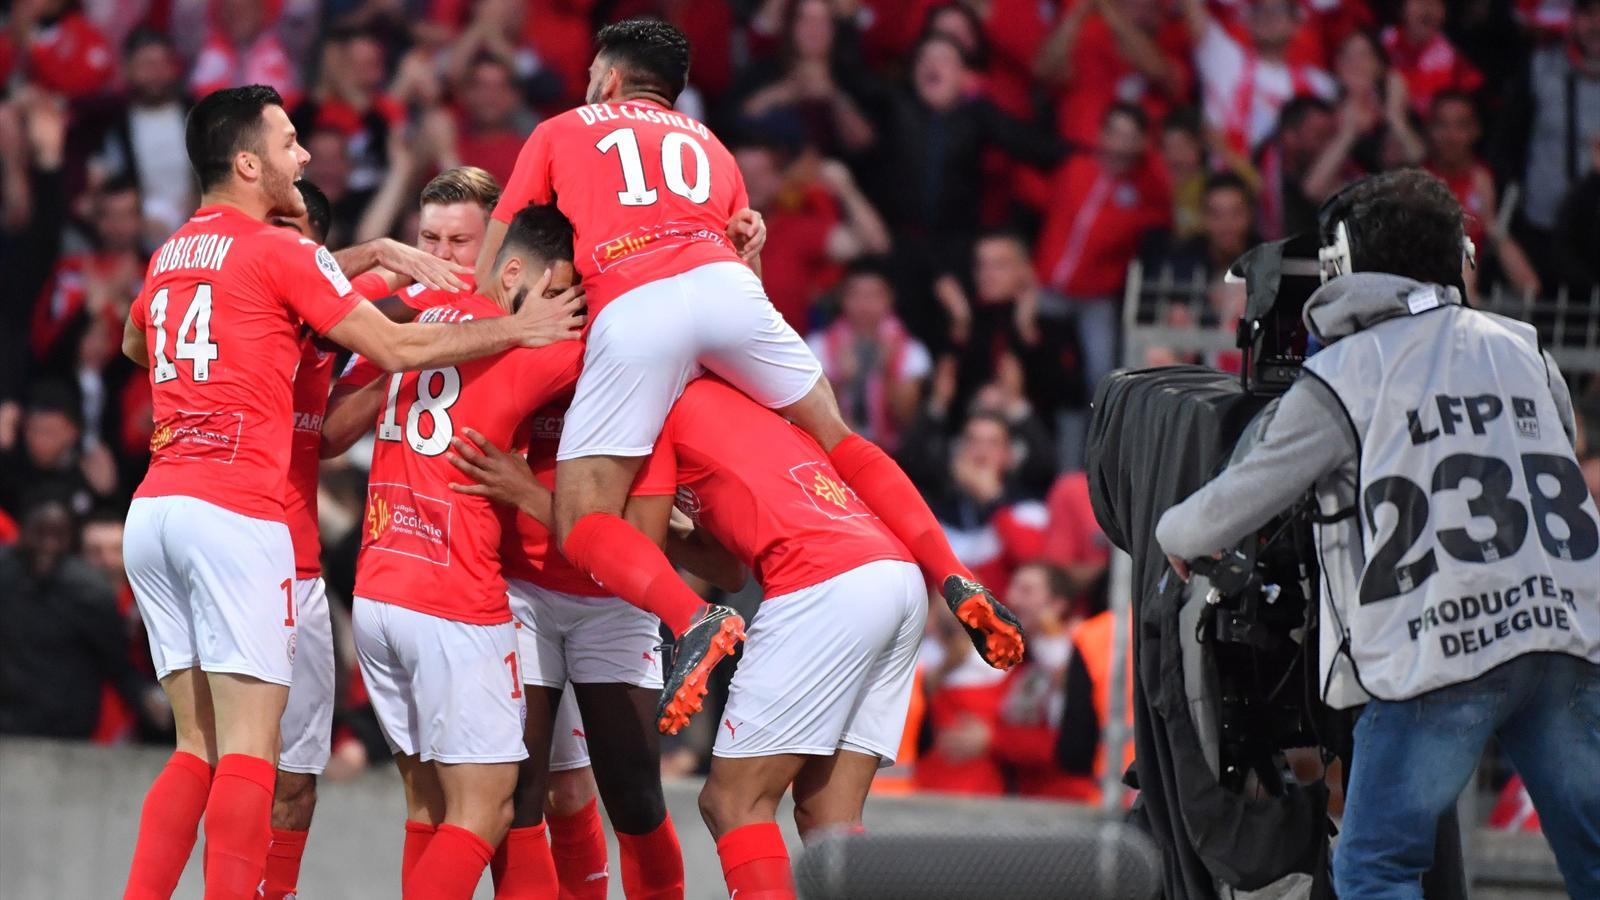 Nîmes Promu En Ligue 1 Ligue 2 2017 2018 Football Eurosport